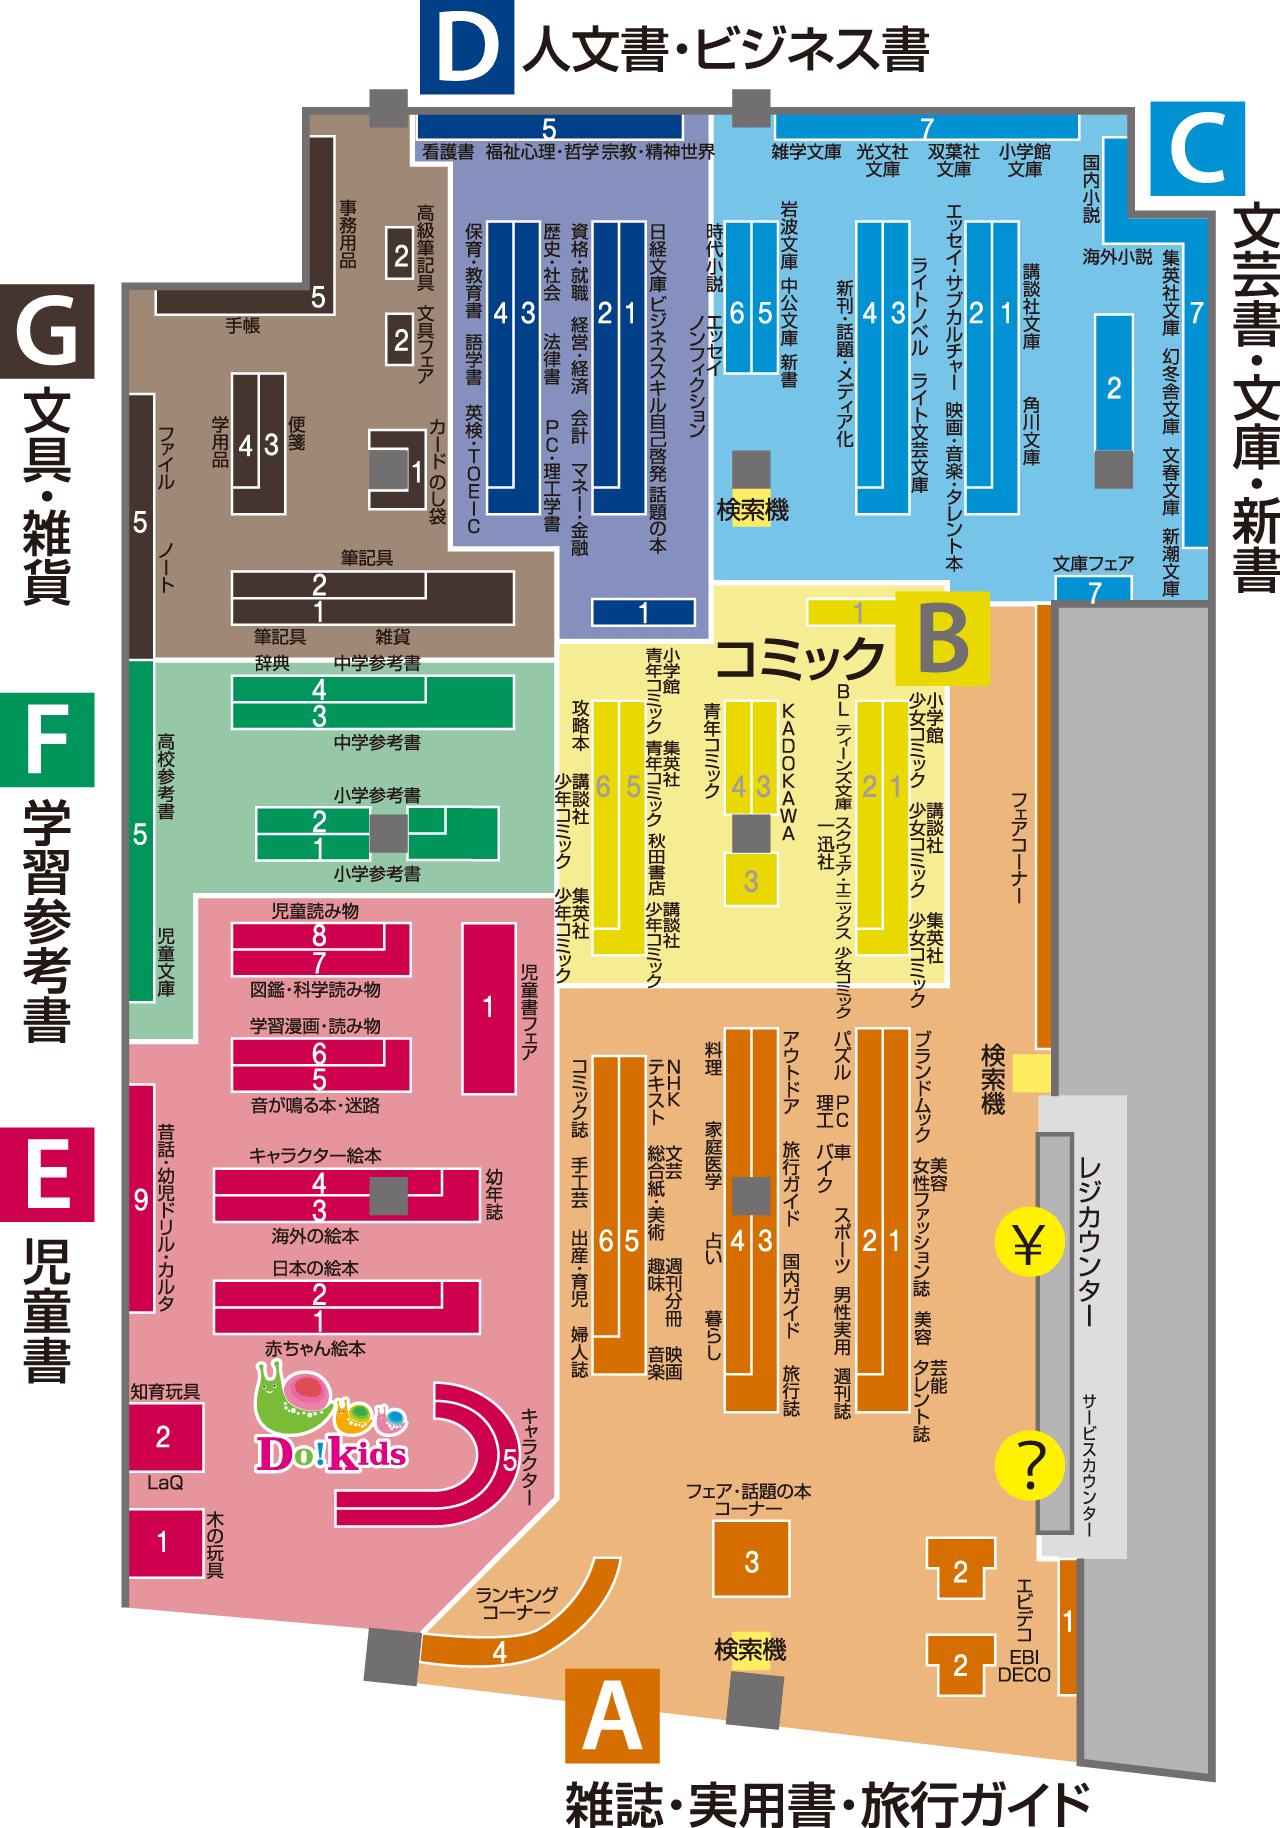 ららぽーと海老名店フロアマップ・取扱内容